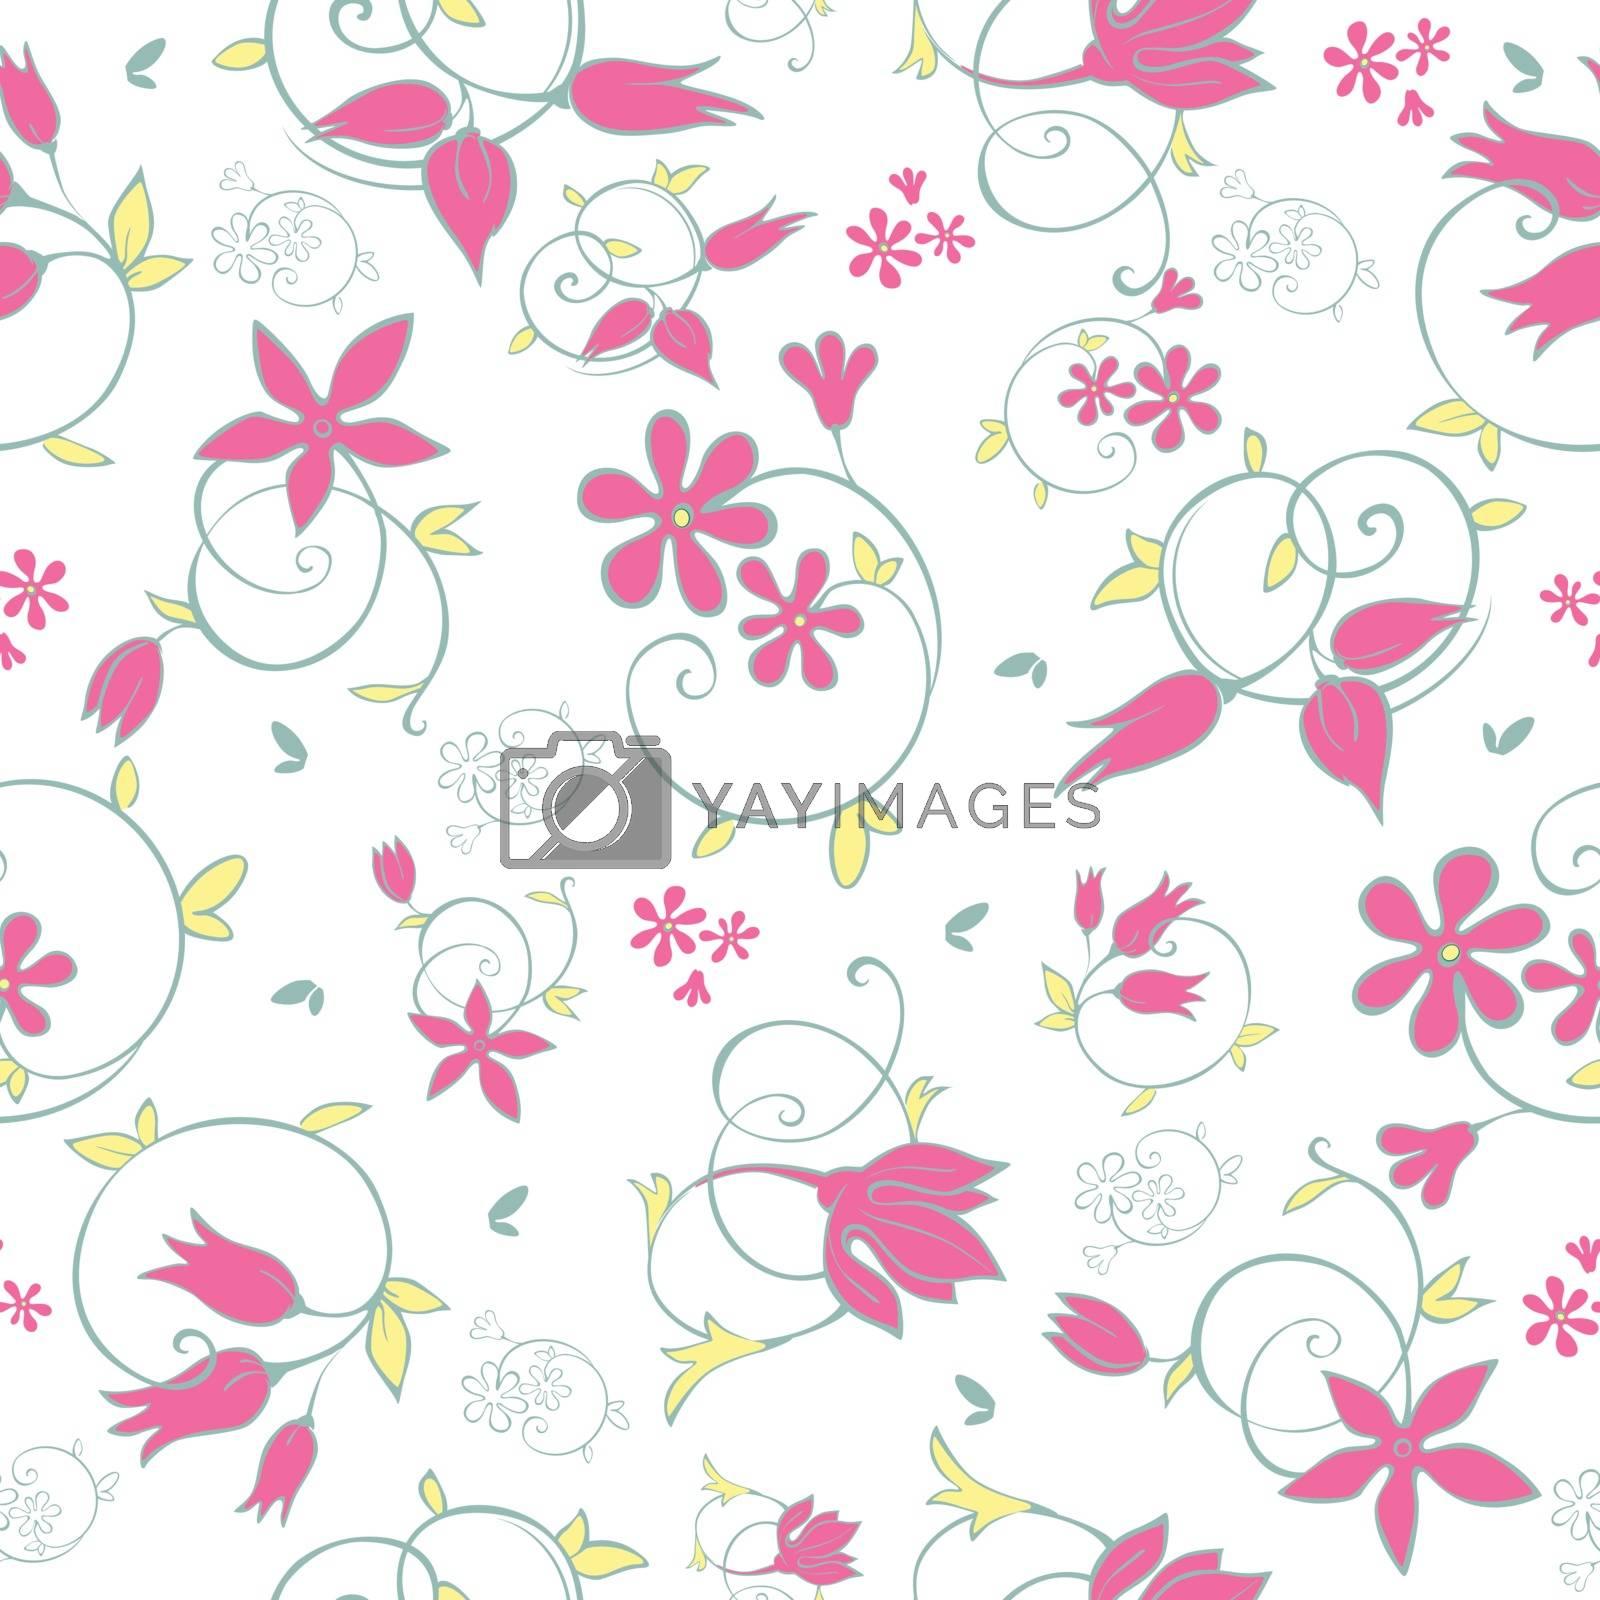 Vector Spring Flower Swirls Seamless Pattern graphic design